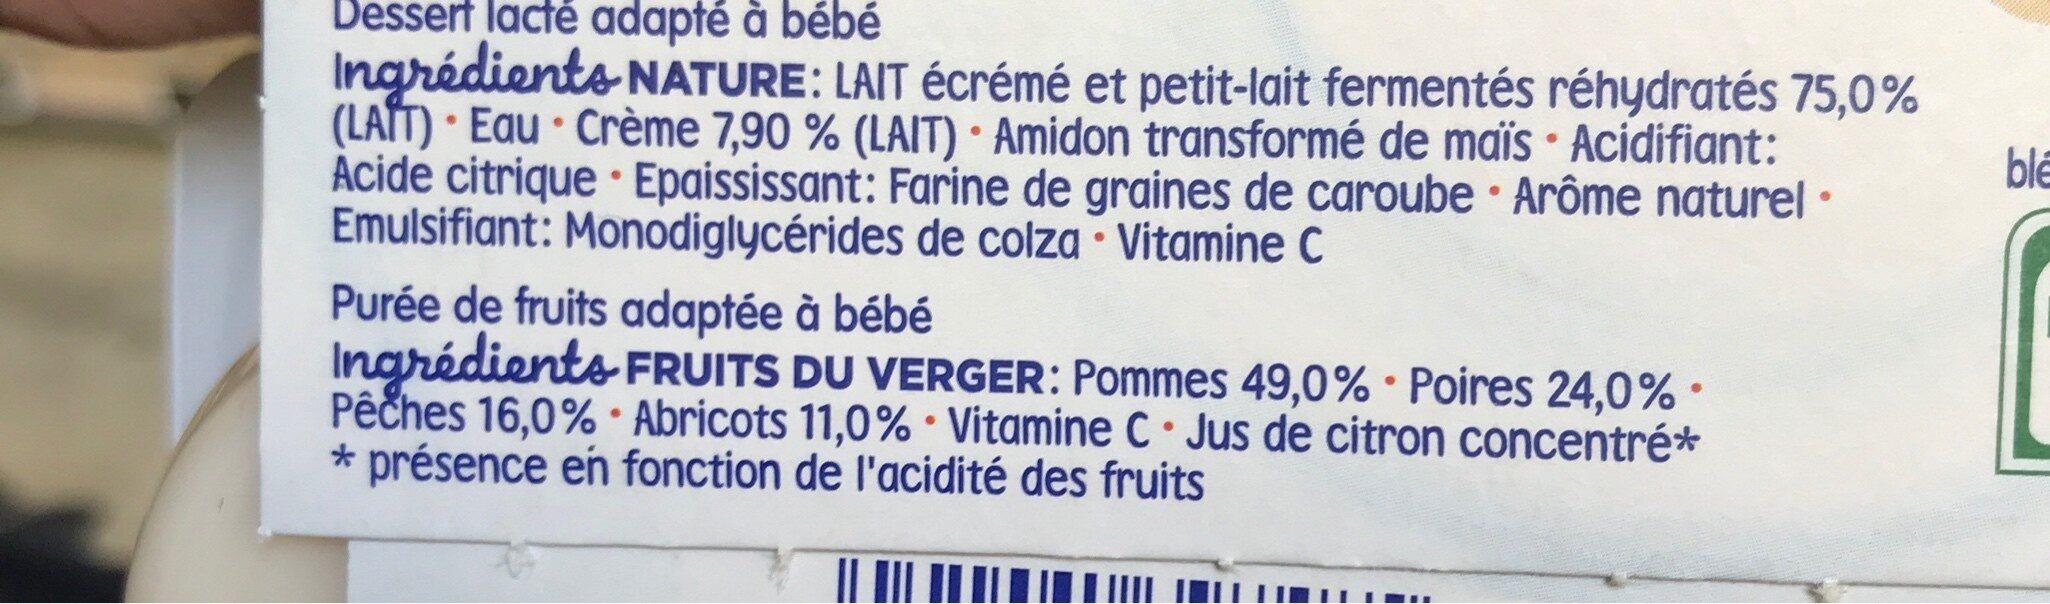 Mini lactés et purée de fruits - Ingrediënten - fr